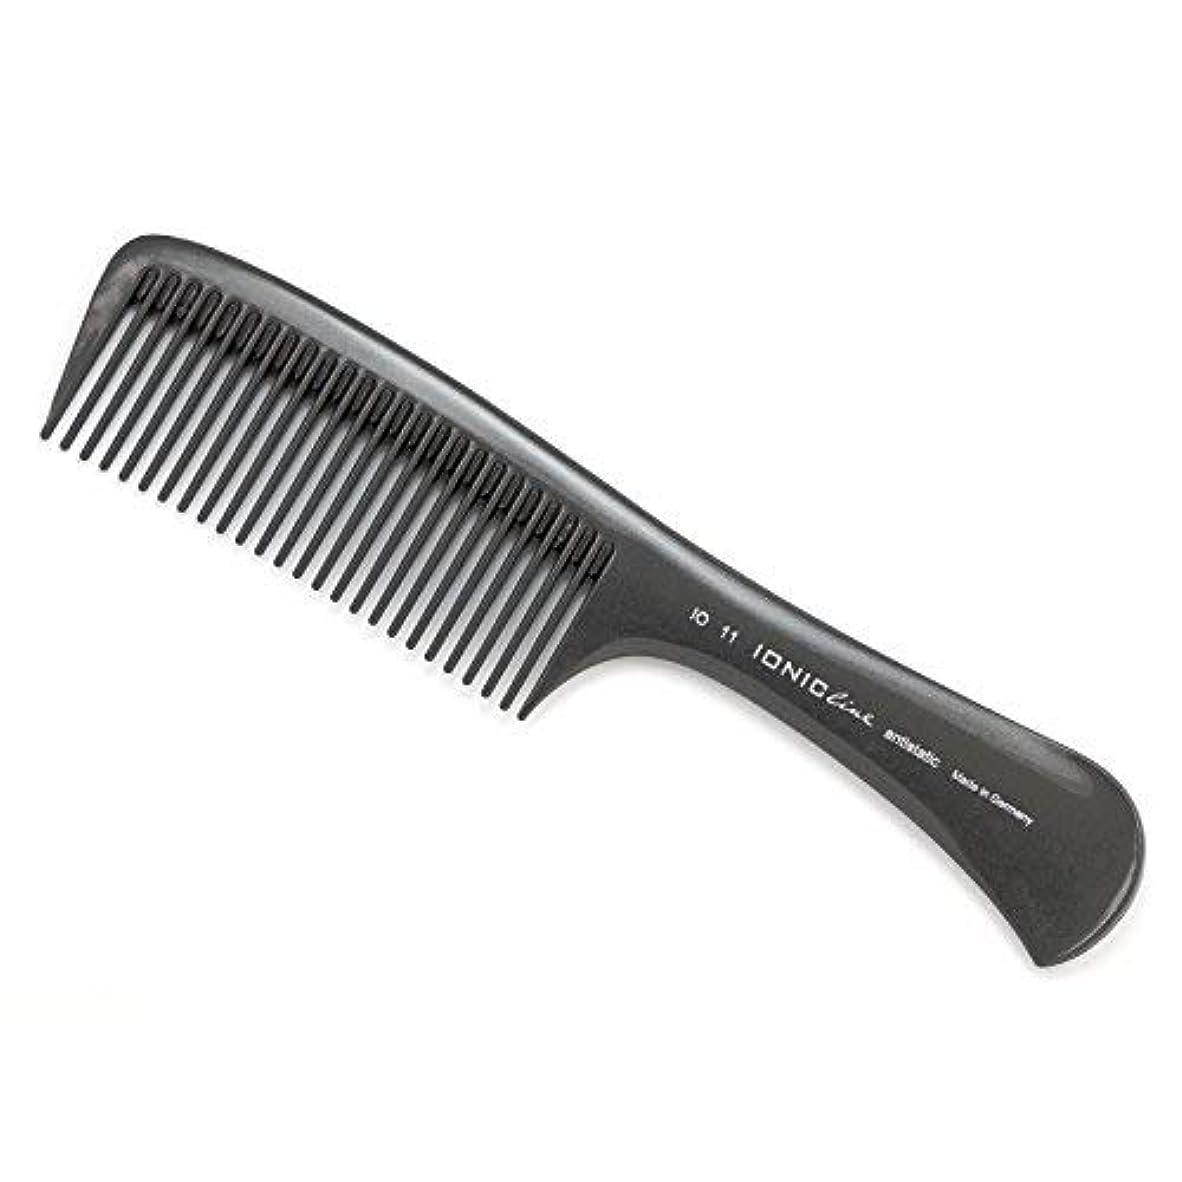 海峡大理石記念Hercules S?gemann IONIC Line Handle Comb, Big Working Comb | Ionized Thermoplastic - Made in Germany [並行輸入品]